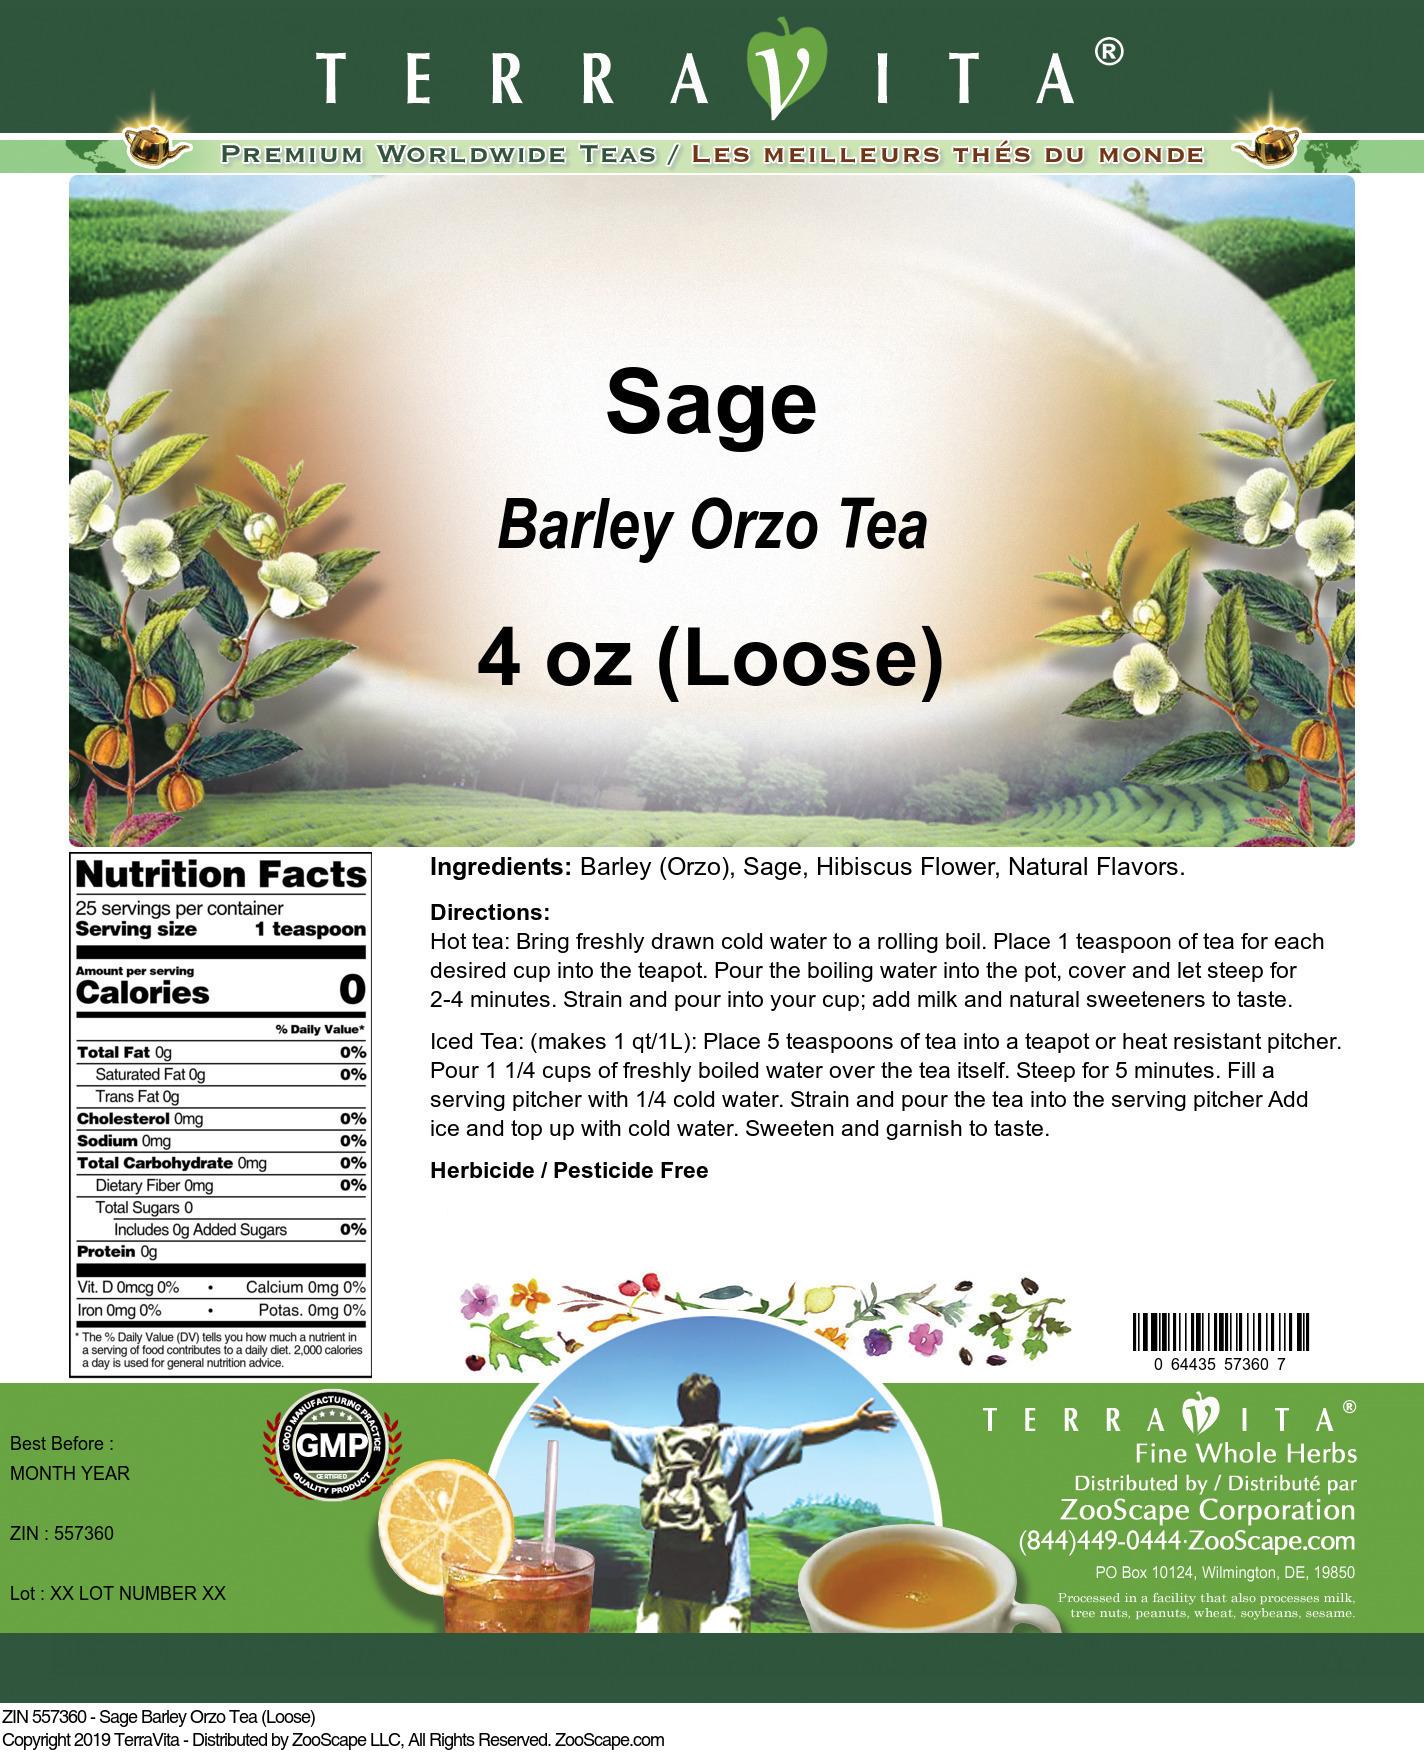 Sage Barley Orzo